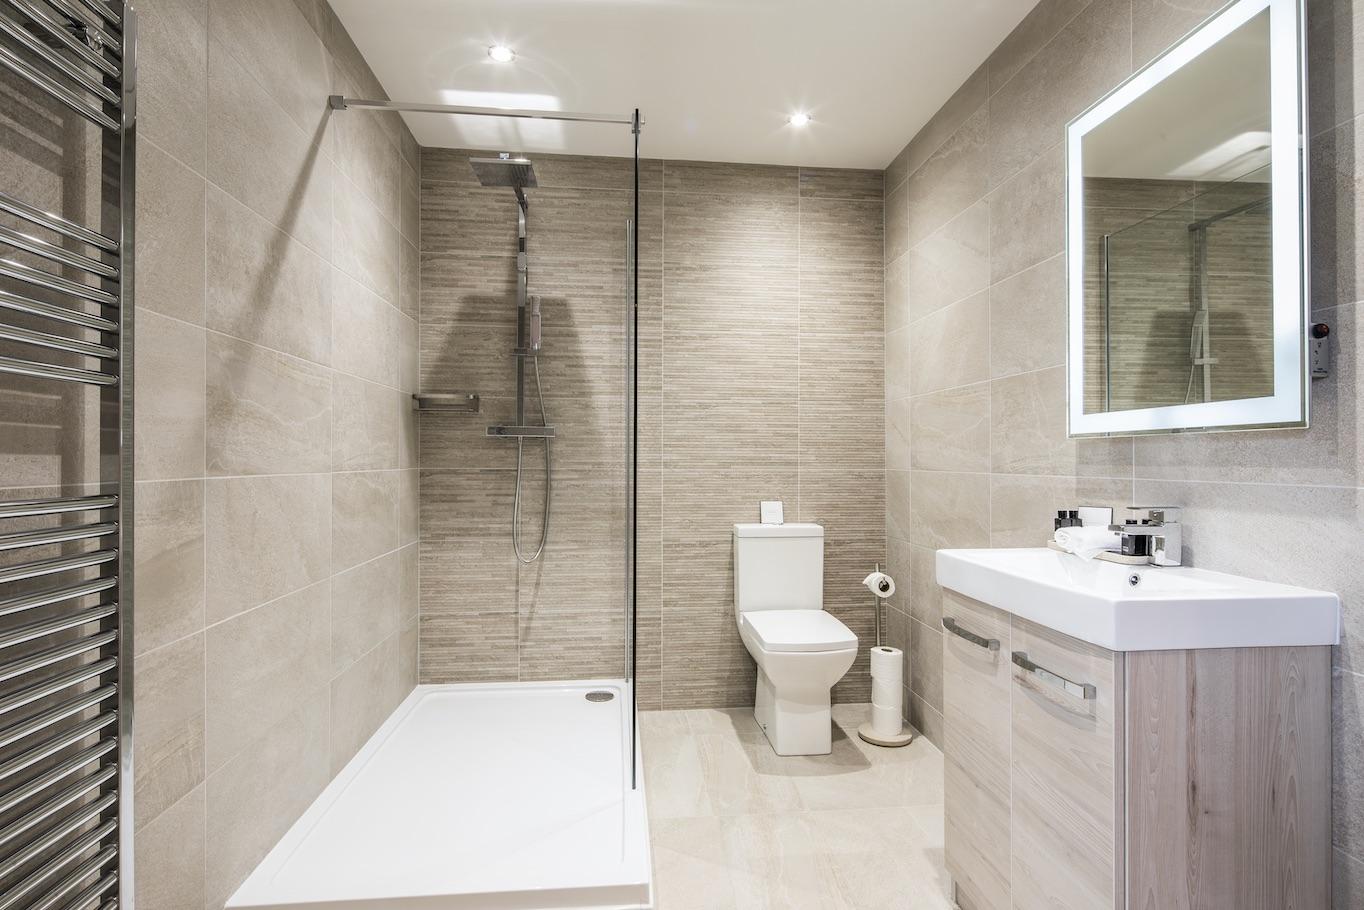 πλακάκια μπάνιου ανακαίνιση